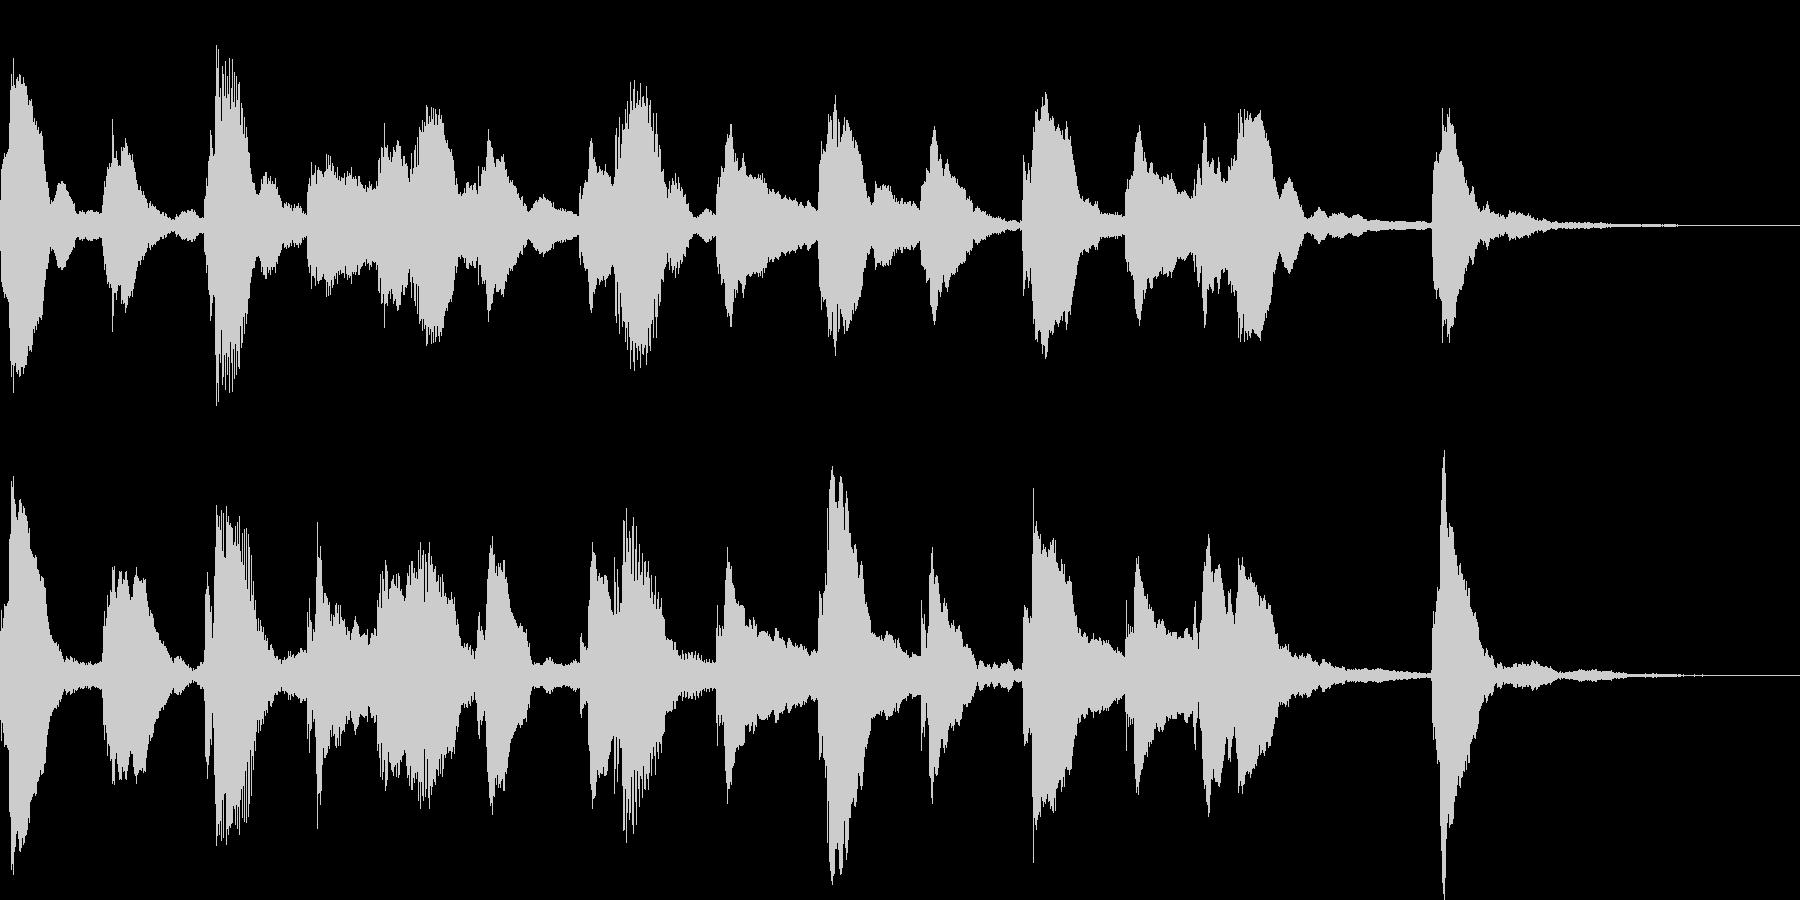 ピアノのフレーズが動きを生み出すの未再生の波形